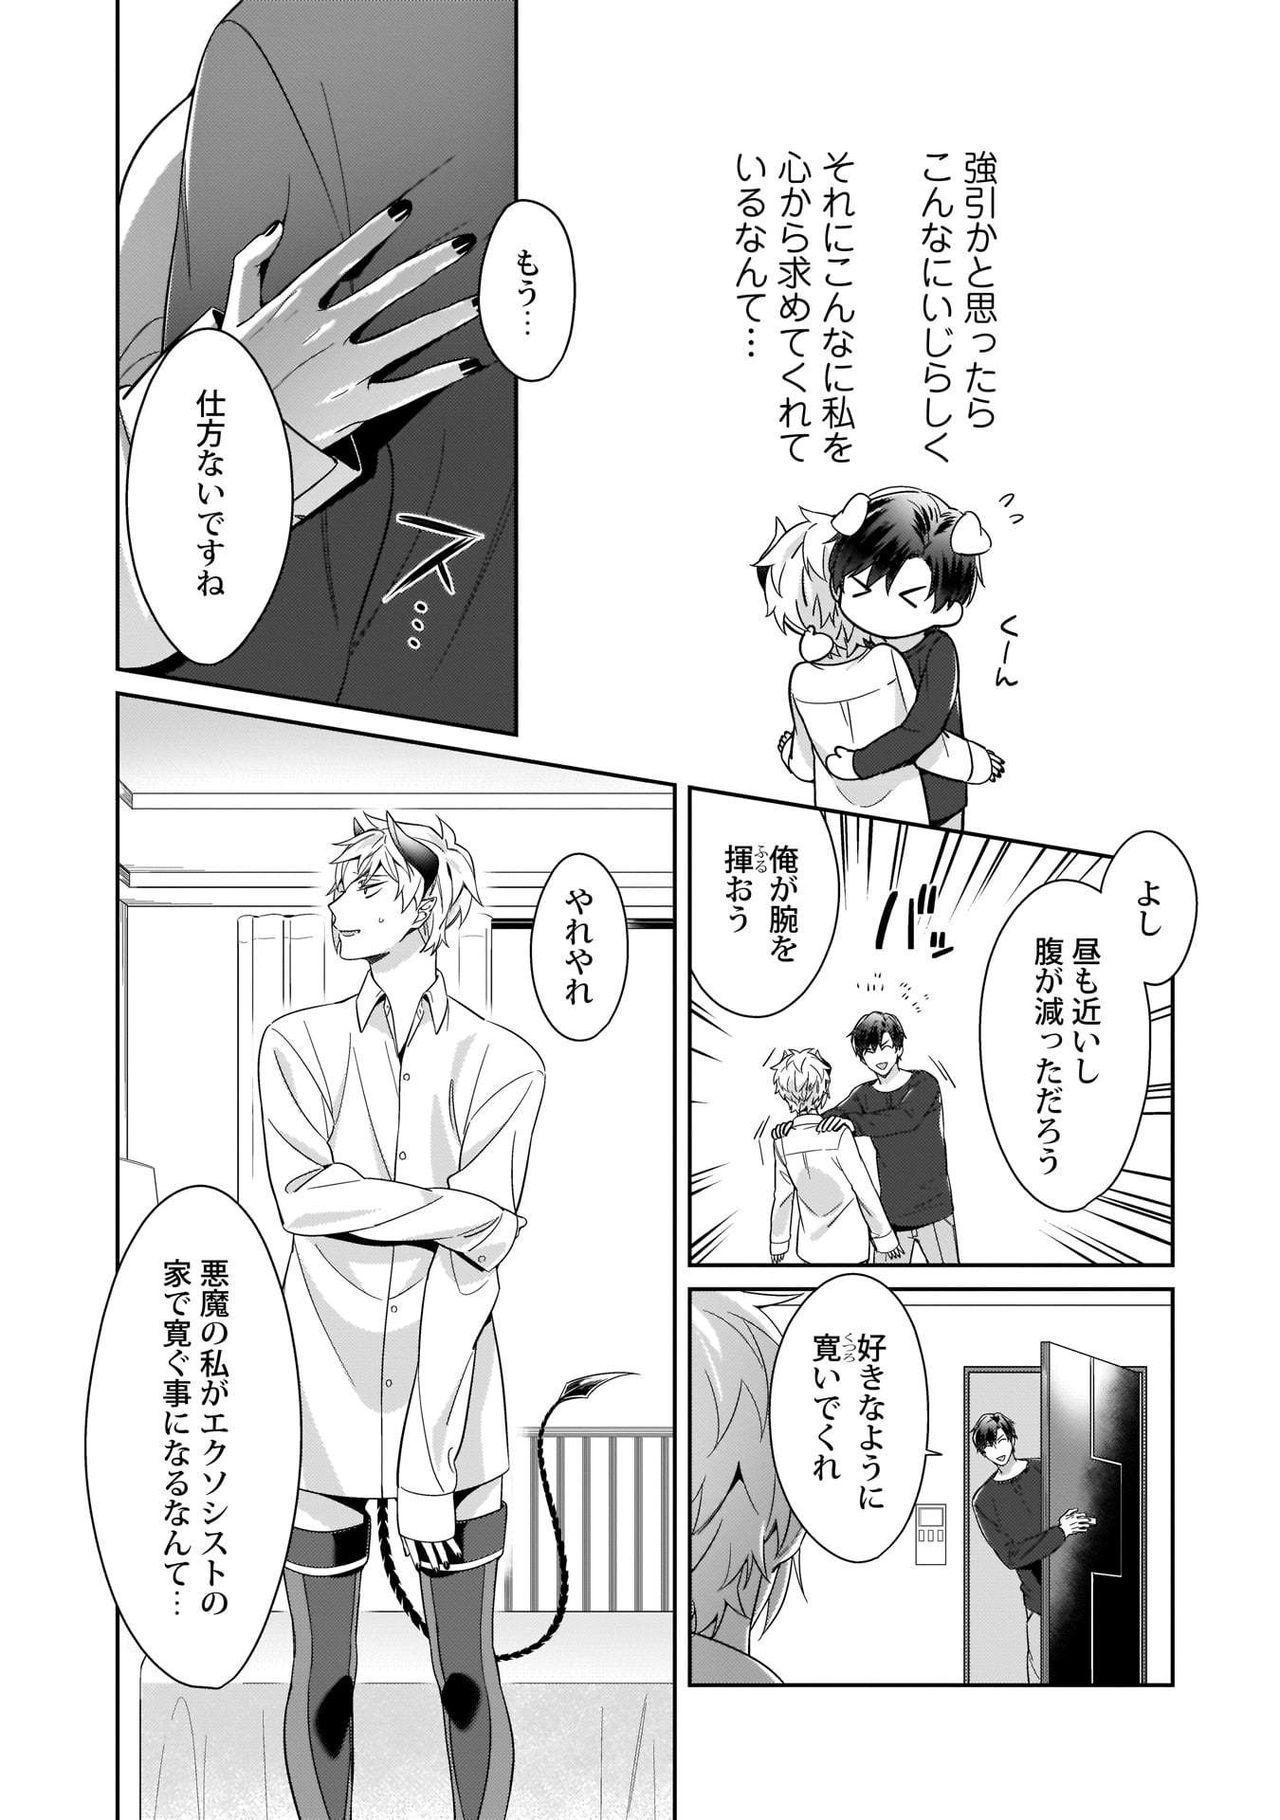 Torokeru kaikan sokuochi akuma 1-2 35